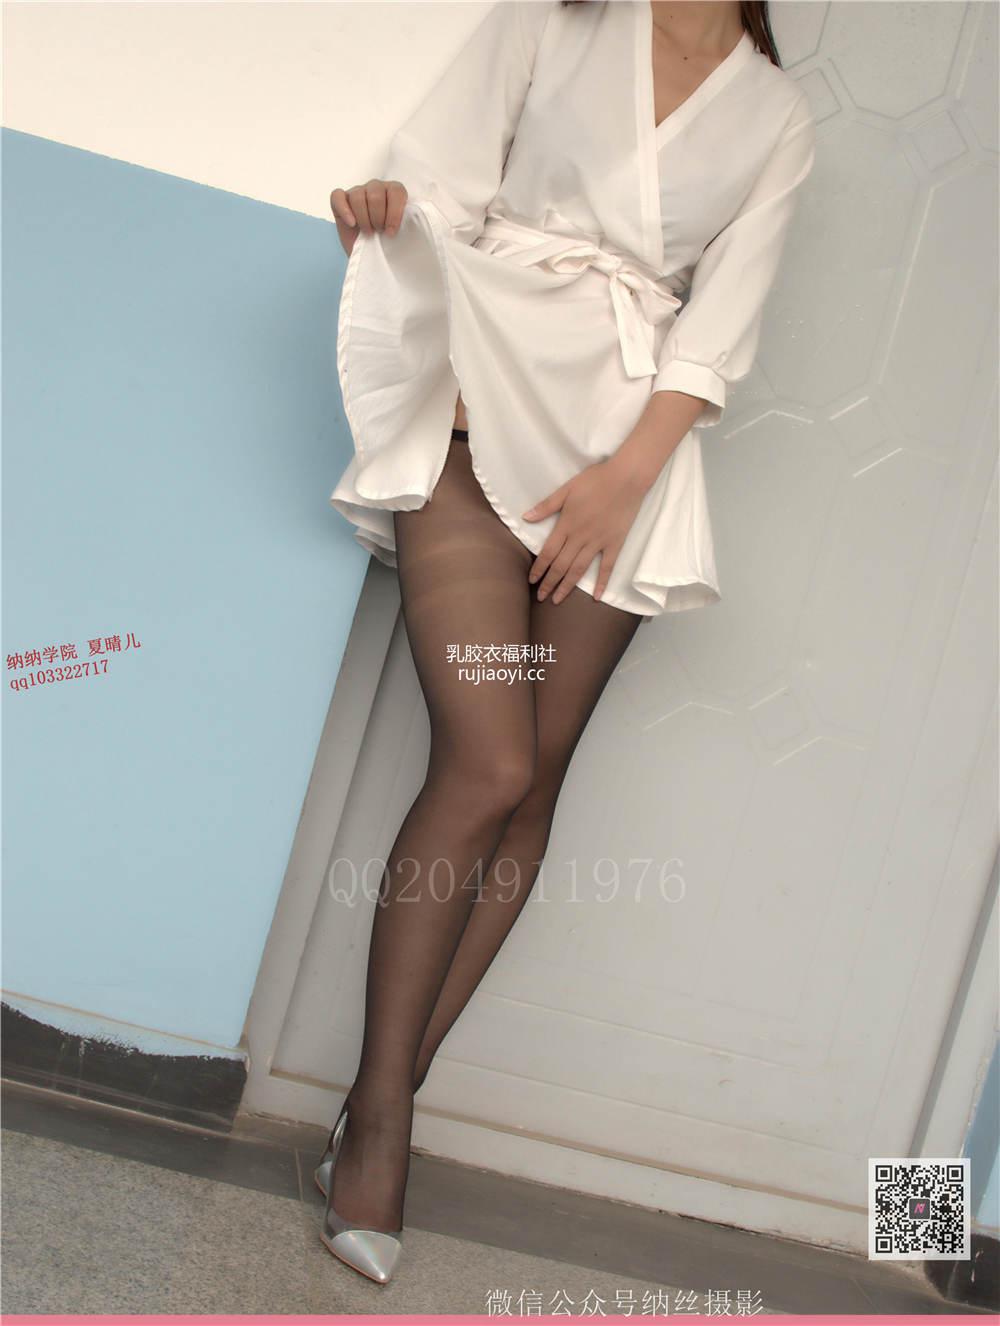 [纳丝摄影-独家资源] Vol.027 夏晴儿 眉眼欲女走廊黑丝长腿 [79P/422M]